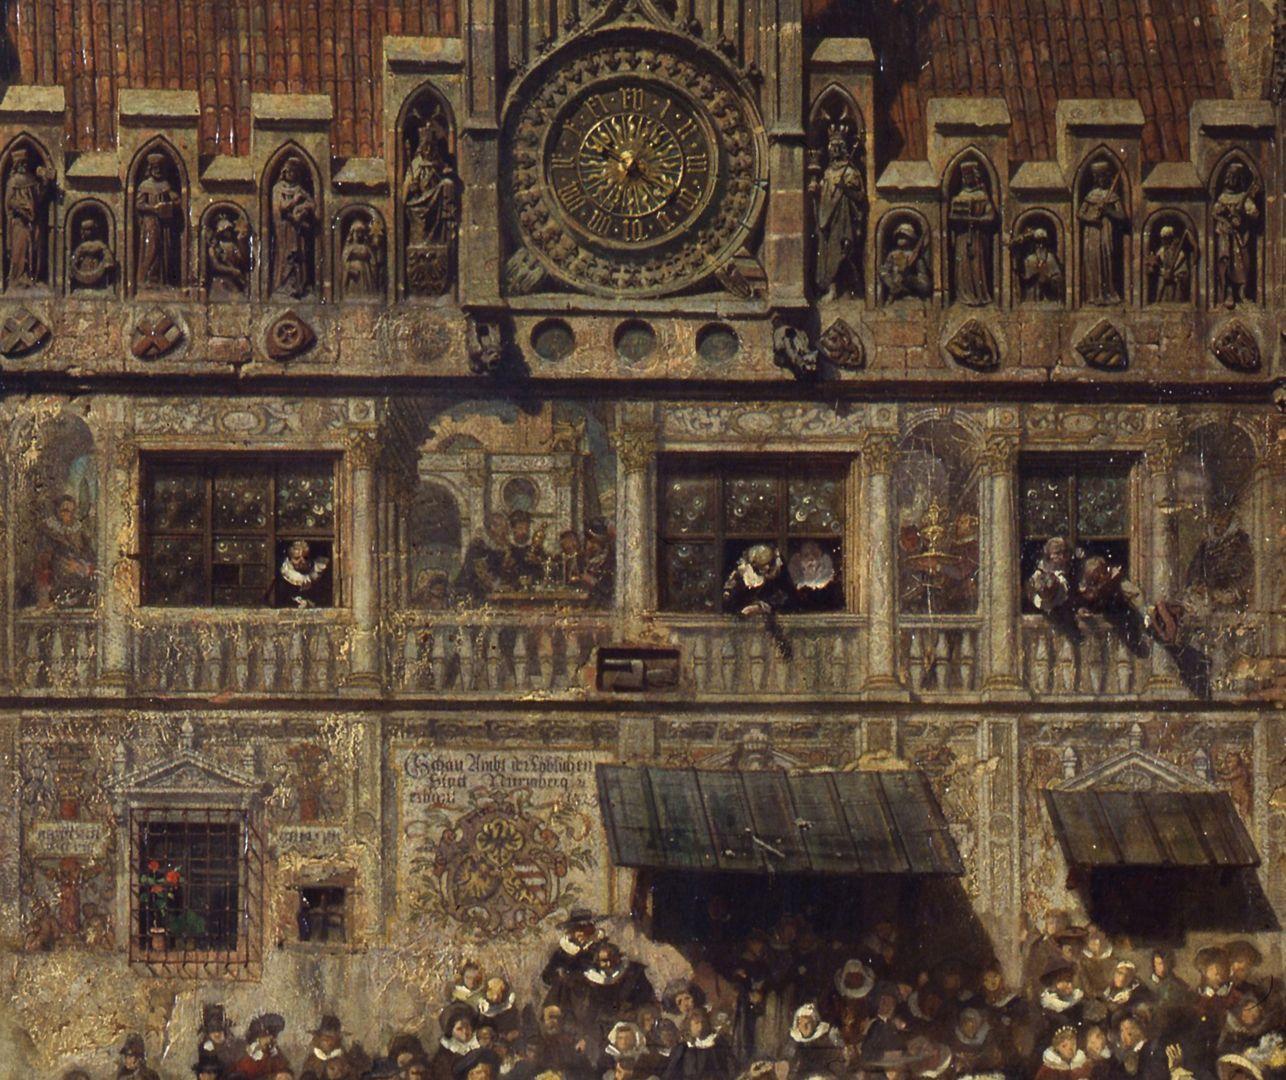 Die Alte Schau in Nürnberg Die alte Schau, eine amtliche Institution für die Prüfung von Edelmetallen, Detail